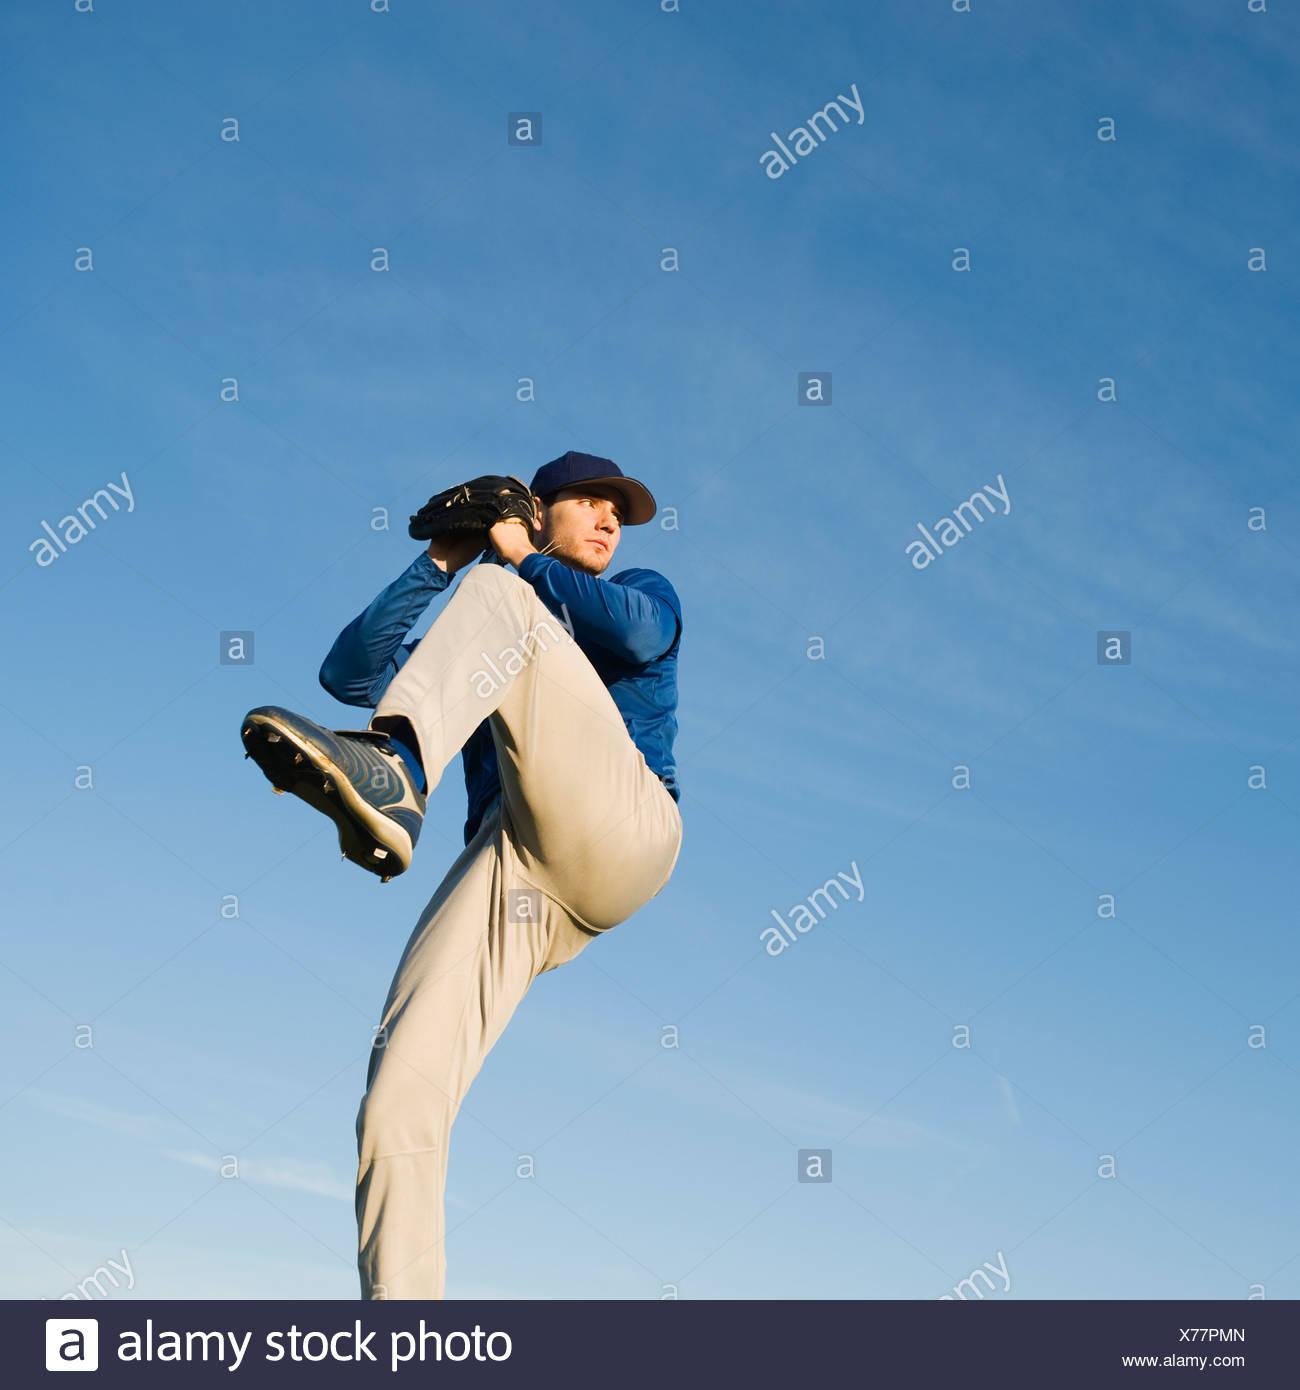 Baseball player throwing ball - Stock Image